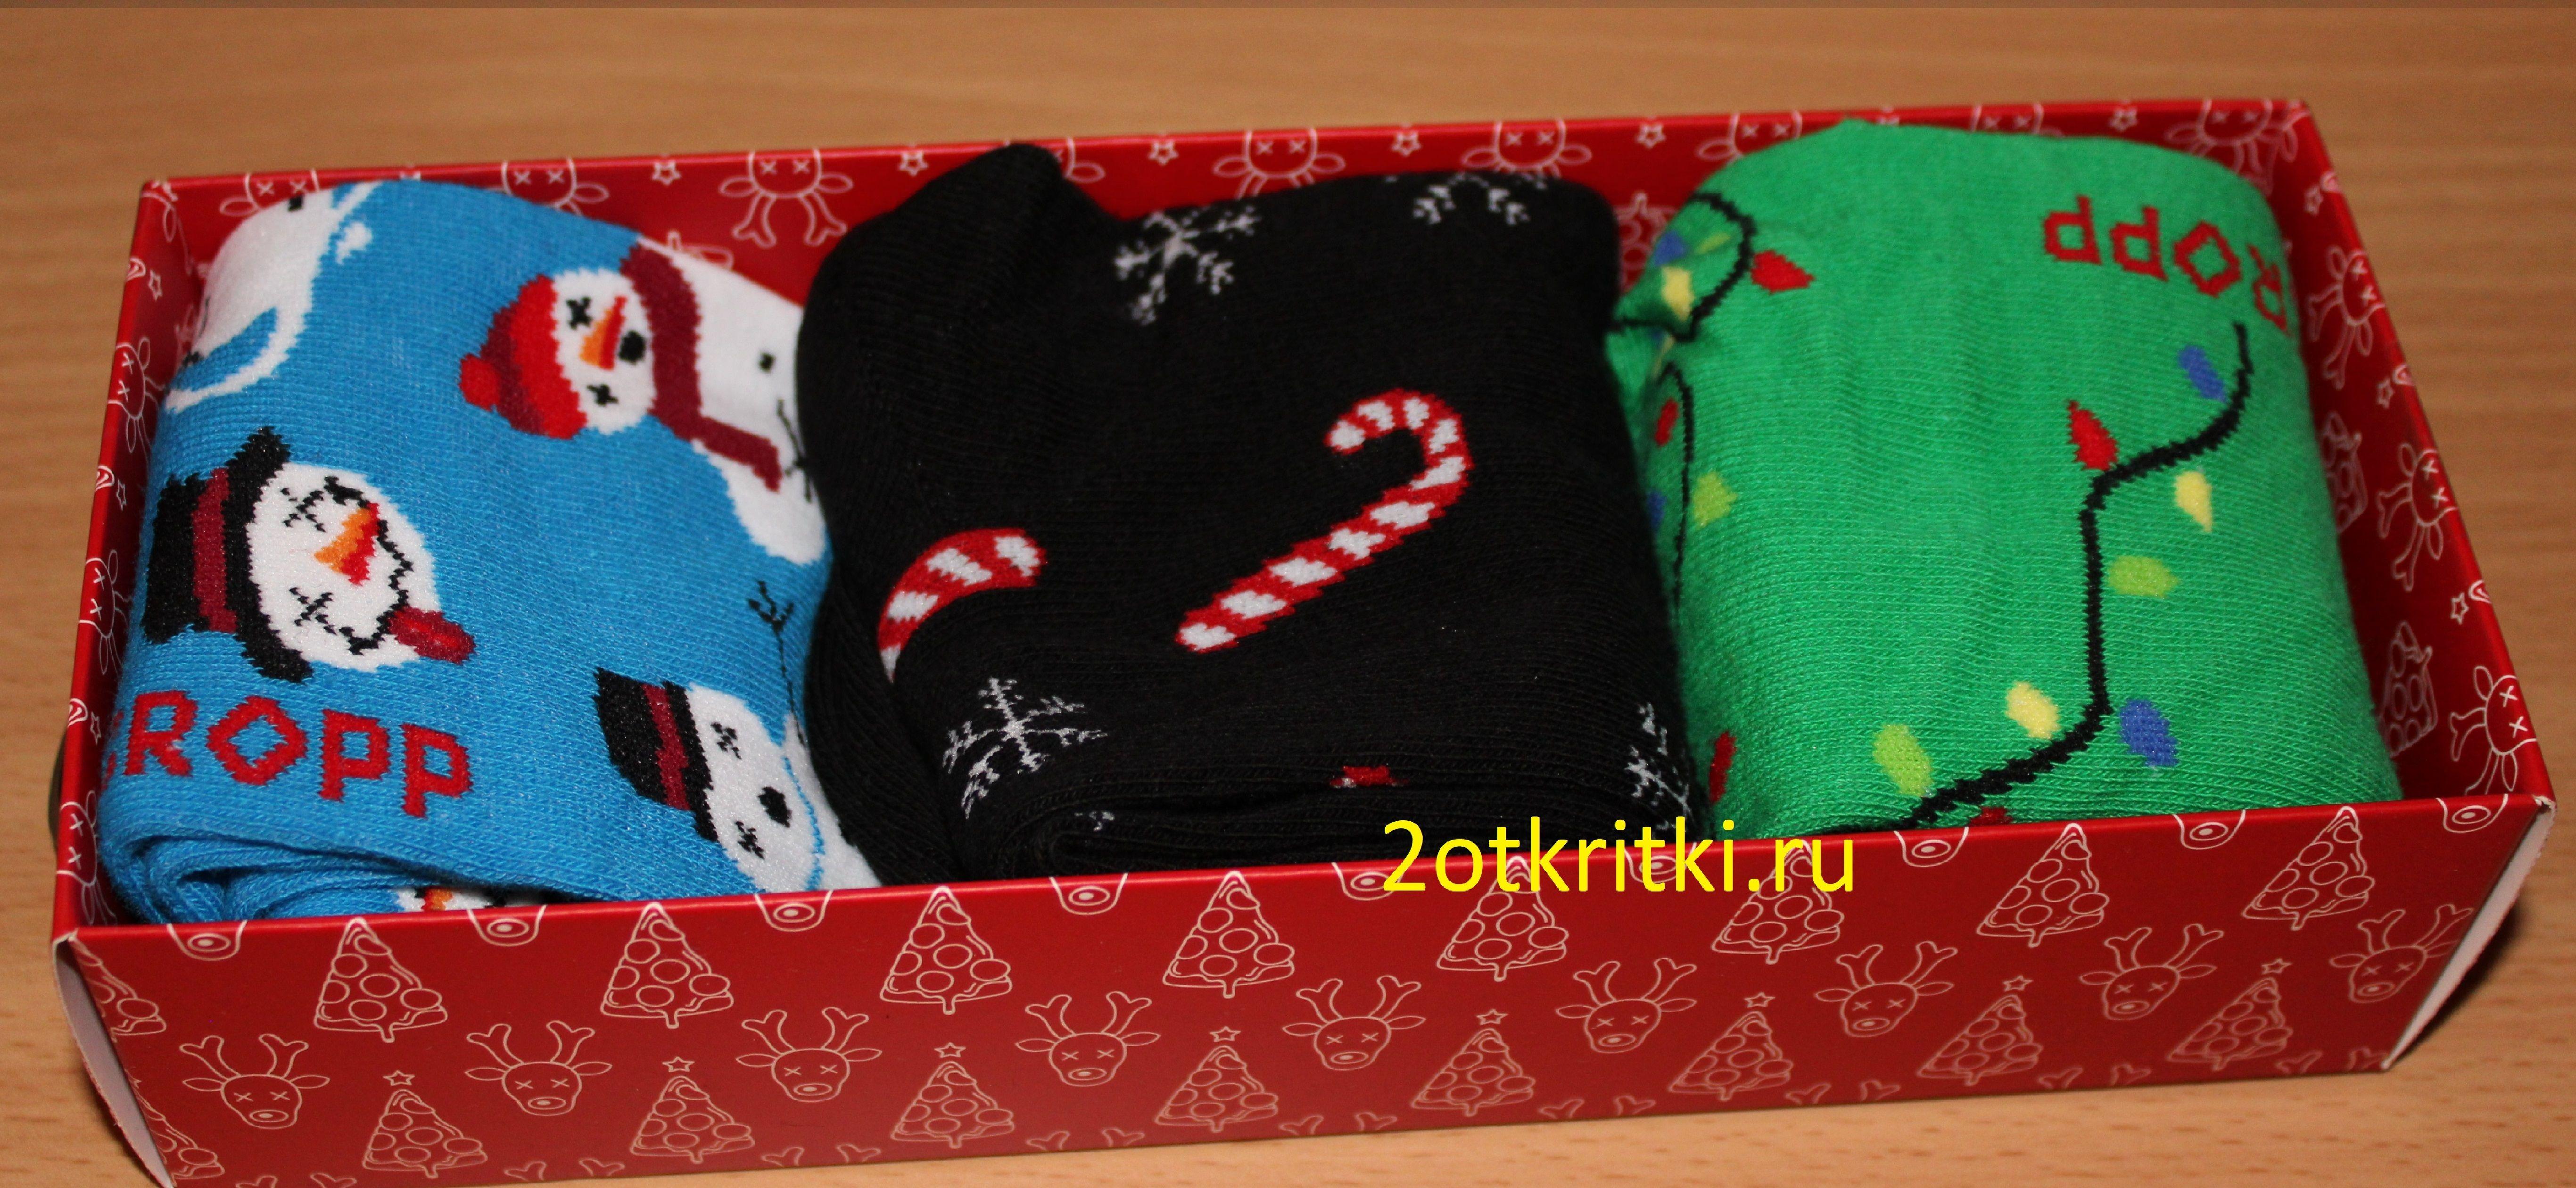 Идея подарка на Новый год - новогодние носки